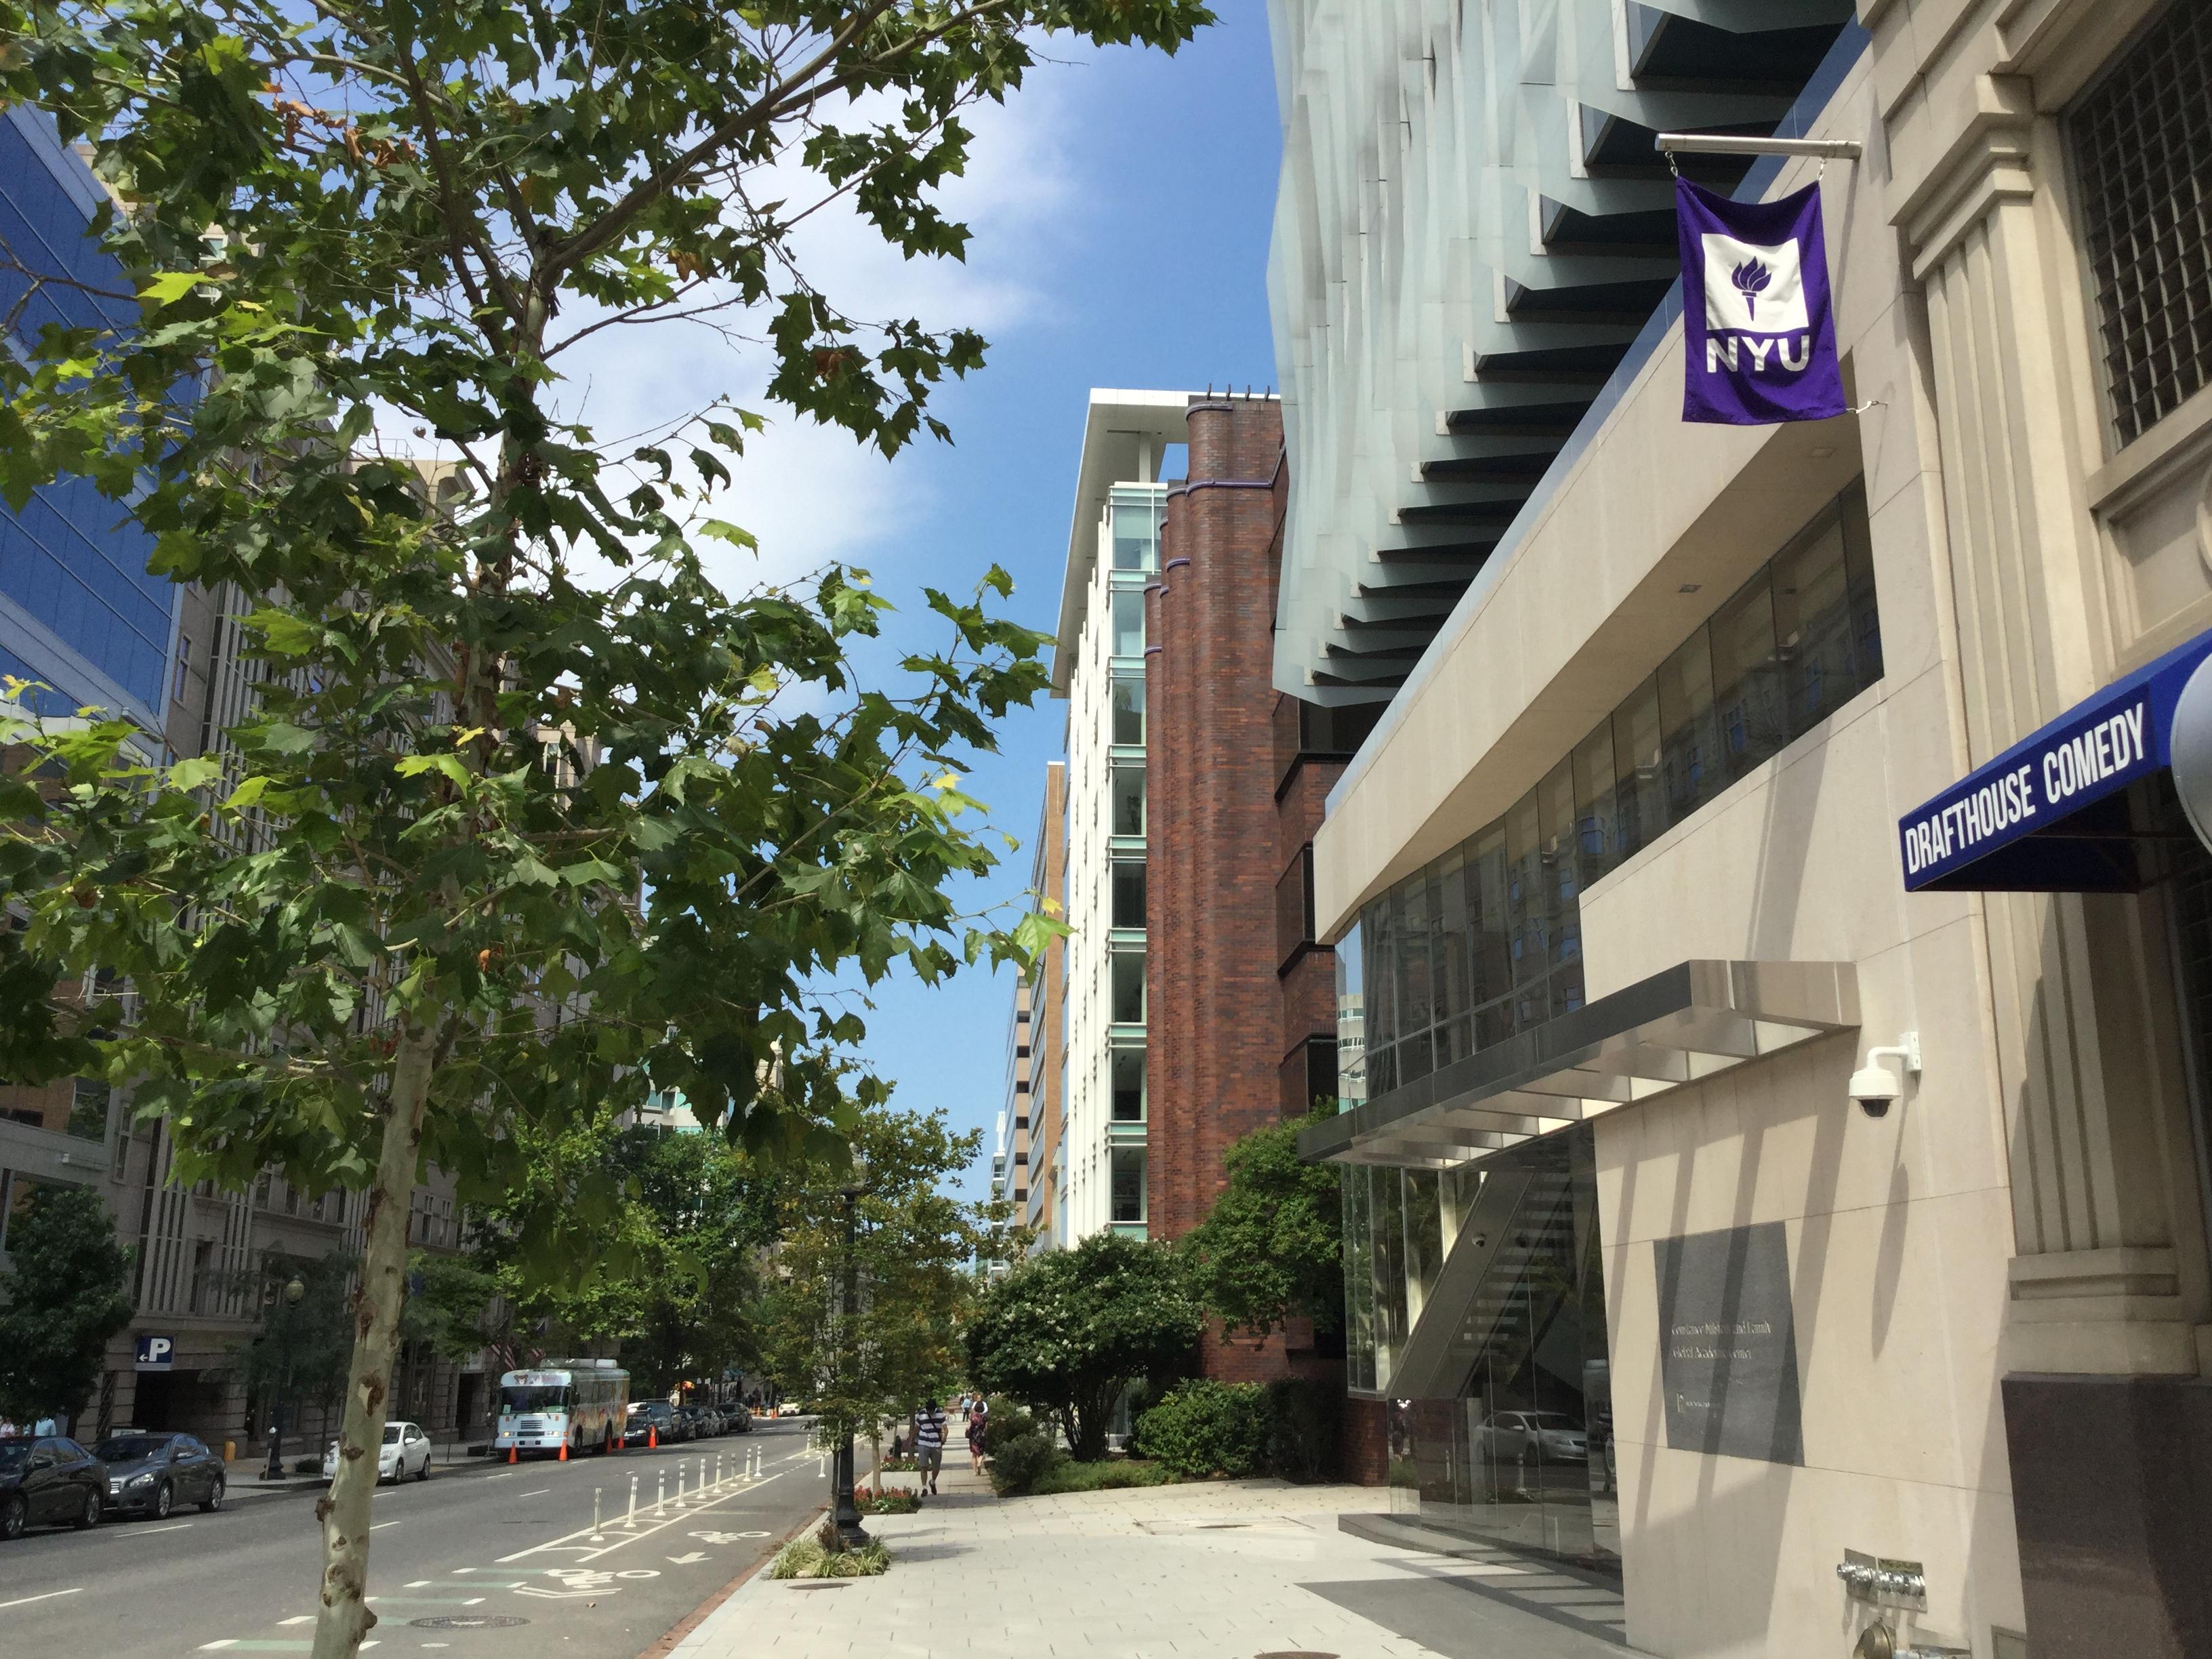 NYU DC Building Exterior with Flag